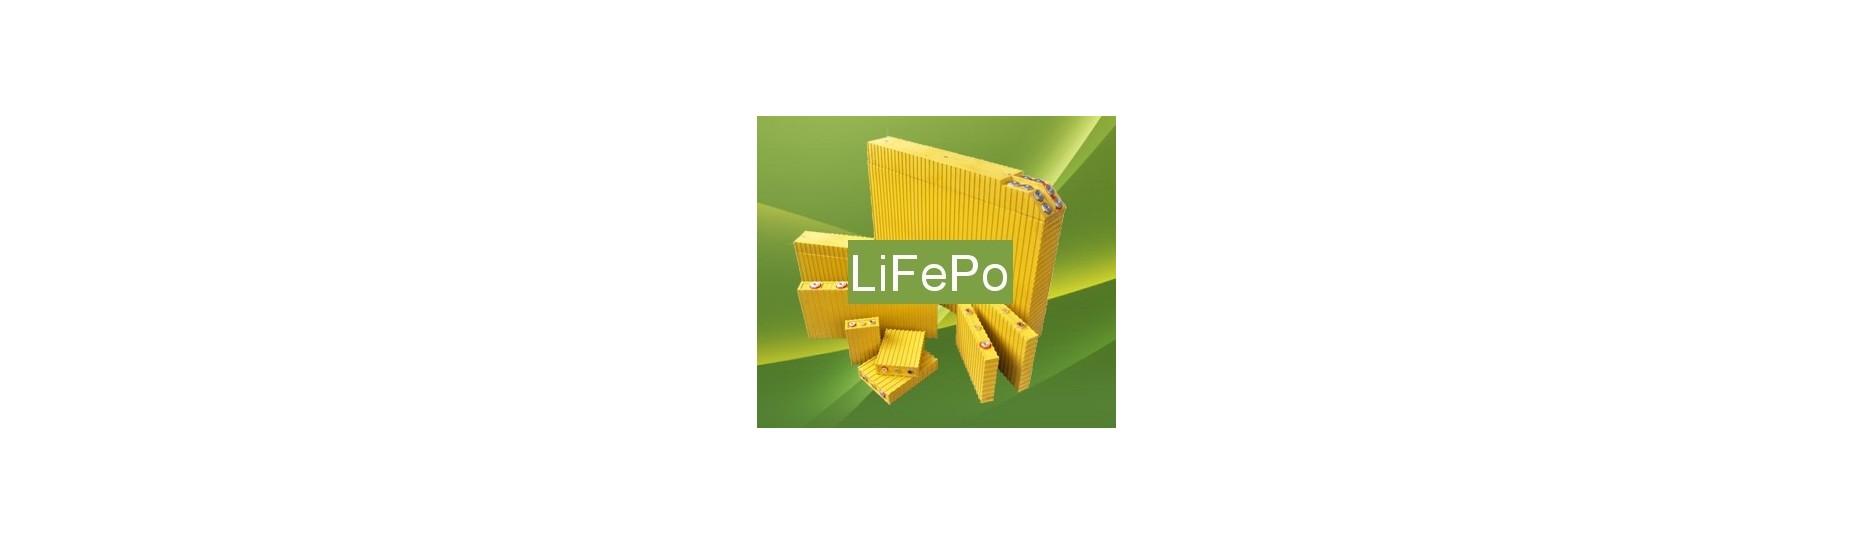 Nabíječky LiFePo